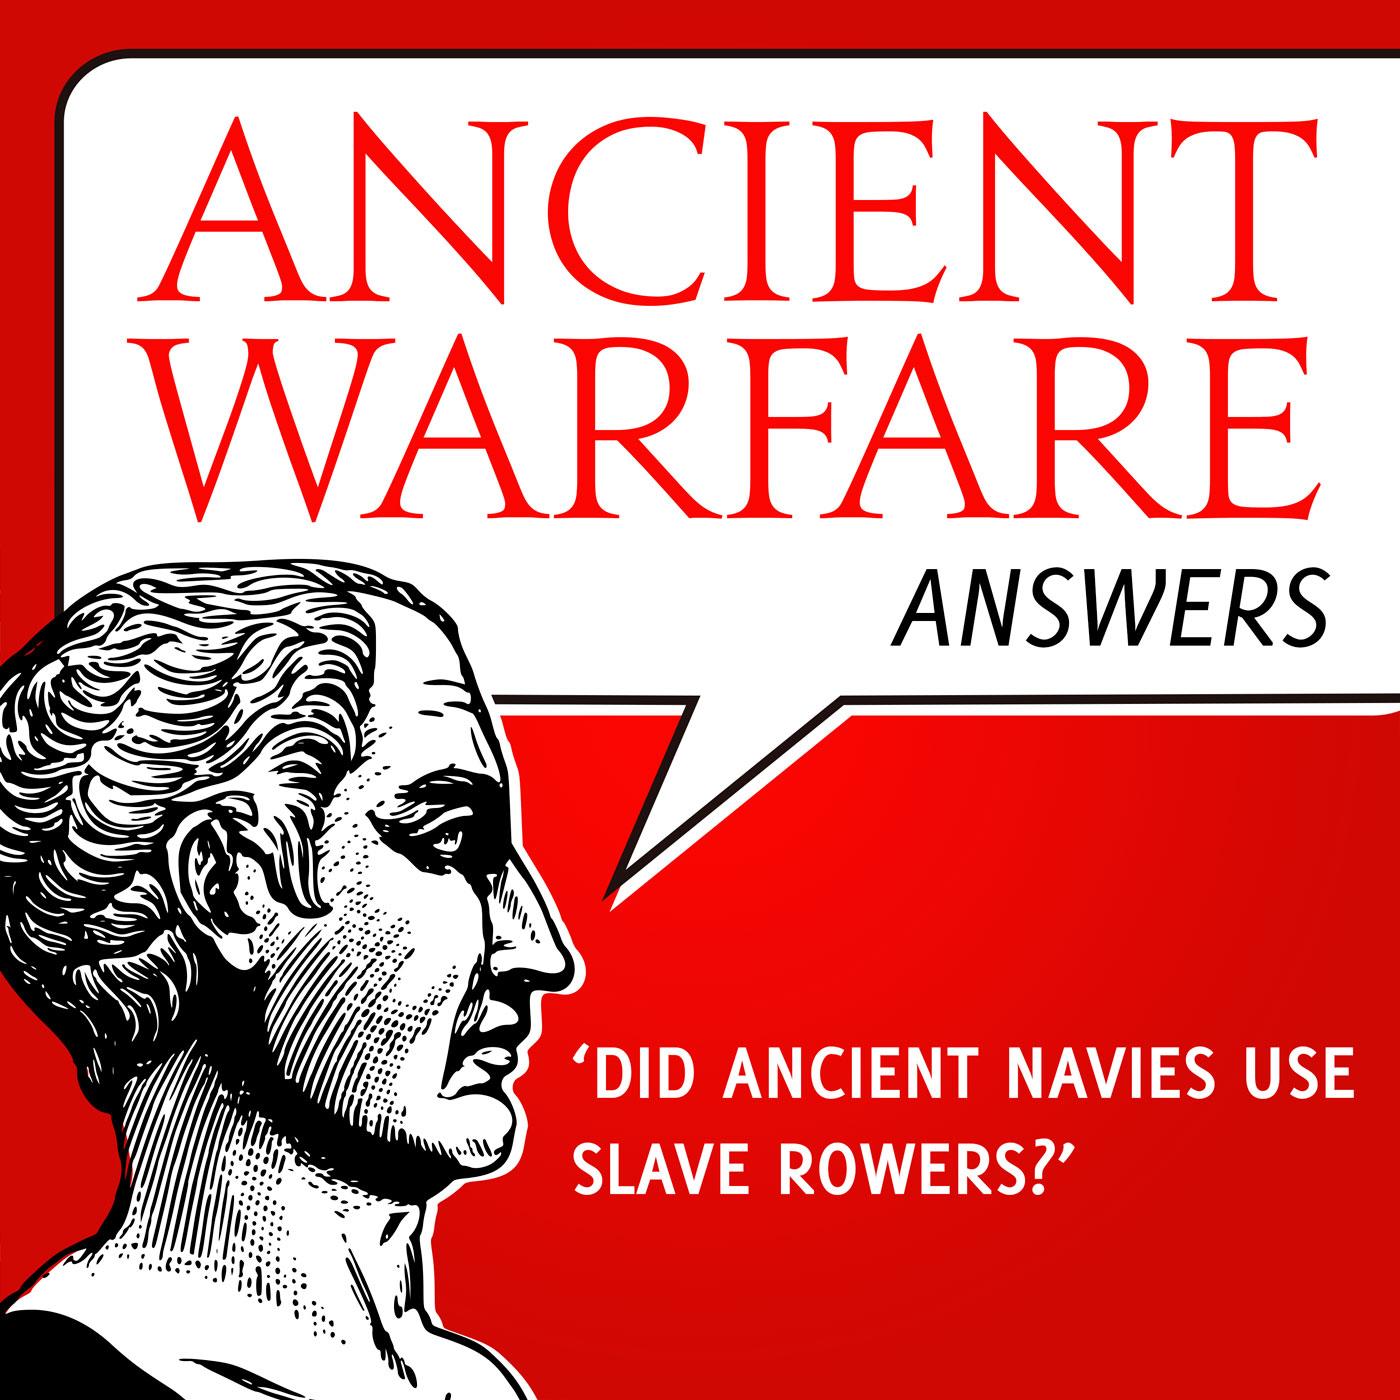 AWA - Did ancient navies use slave rowers?